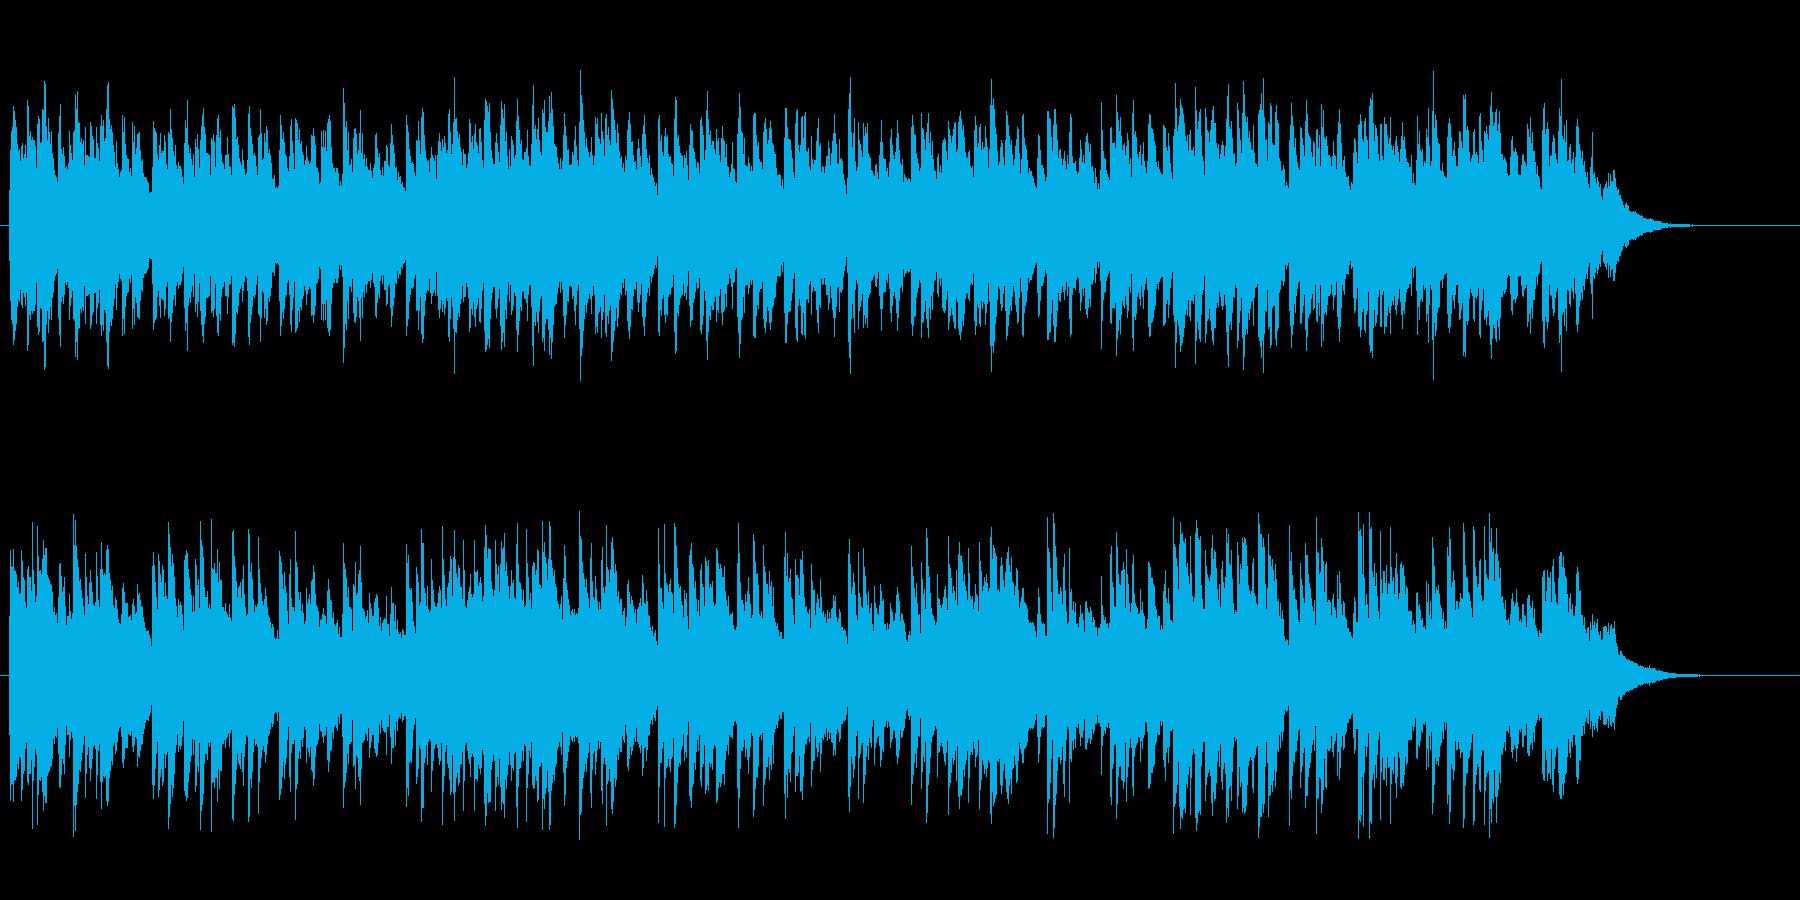 夏の終りのアコースティックスローポップスの再生済みの波形